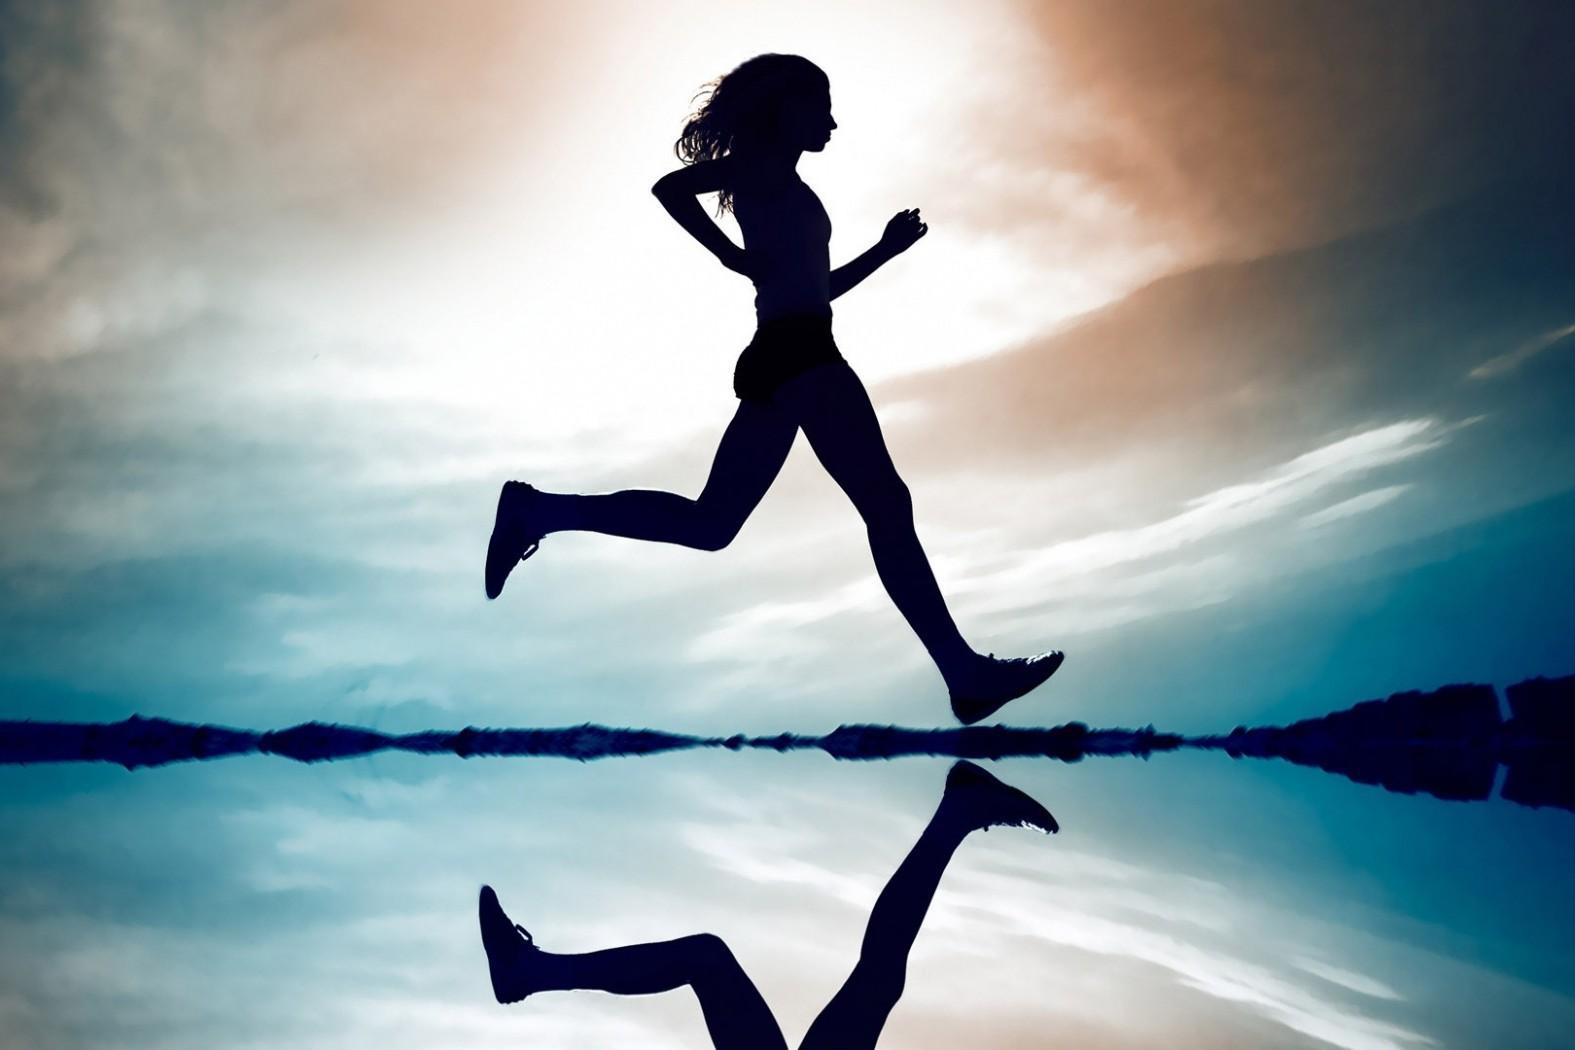 come-correre-per-dimagrire_a37fb35c068d261b83b2b2cdcab99ea6